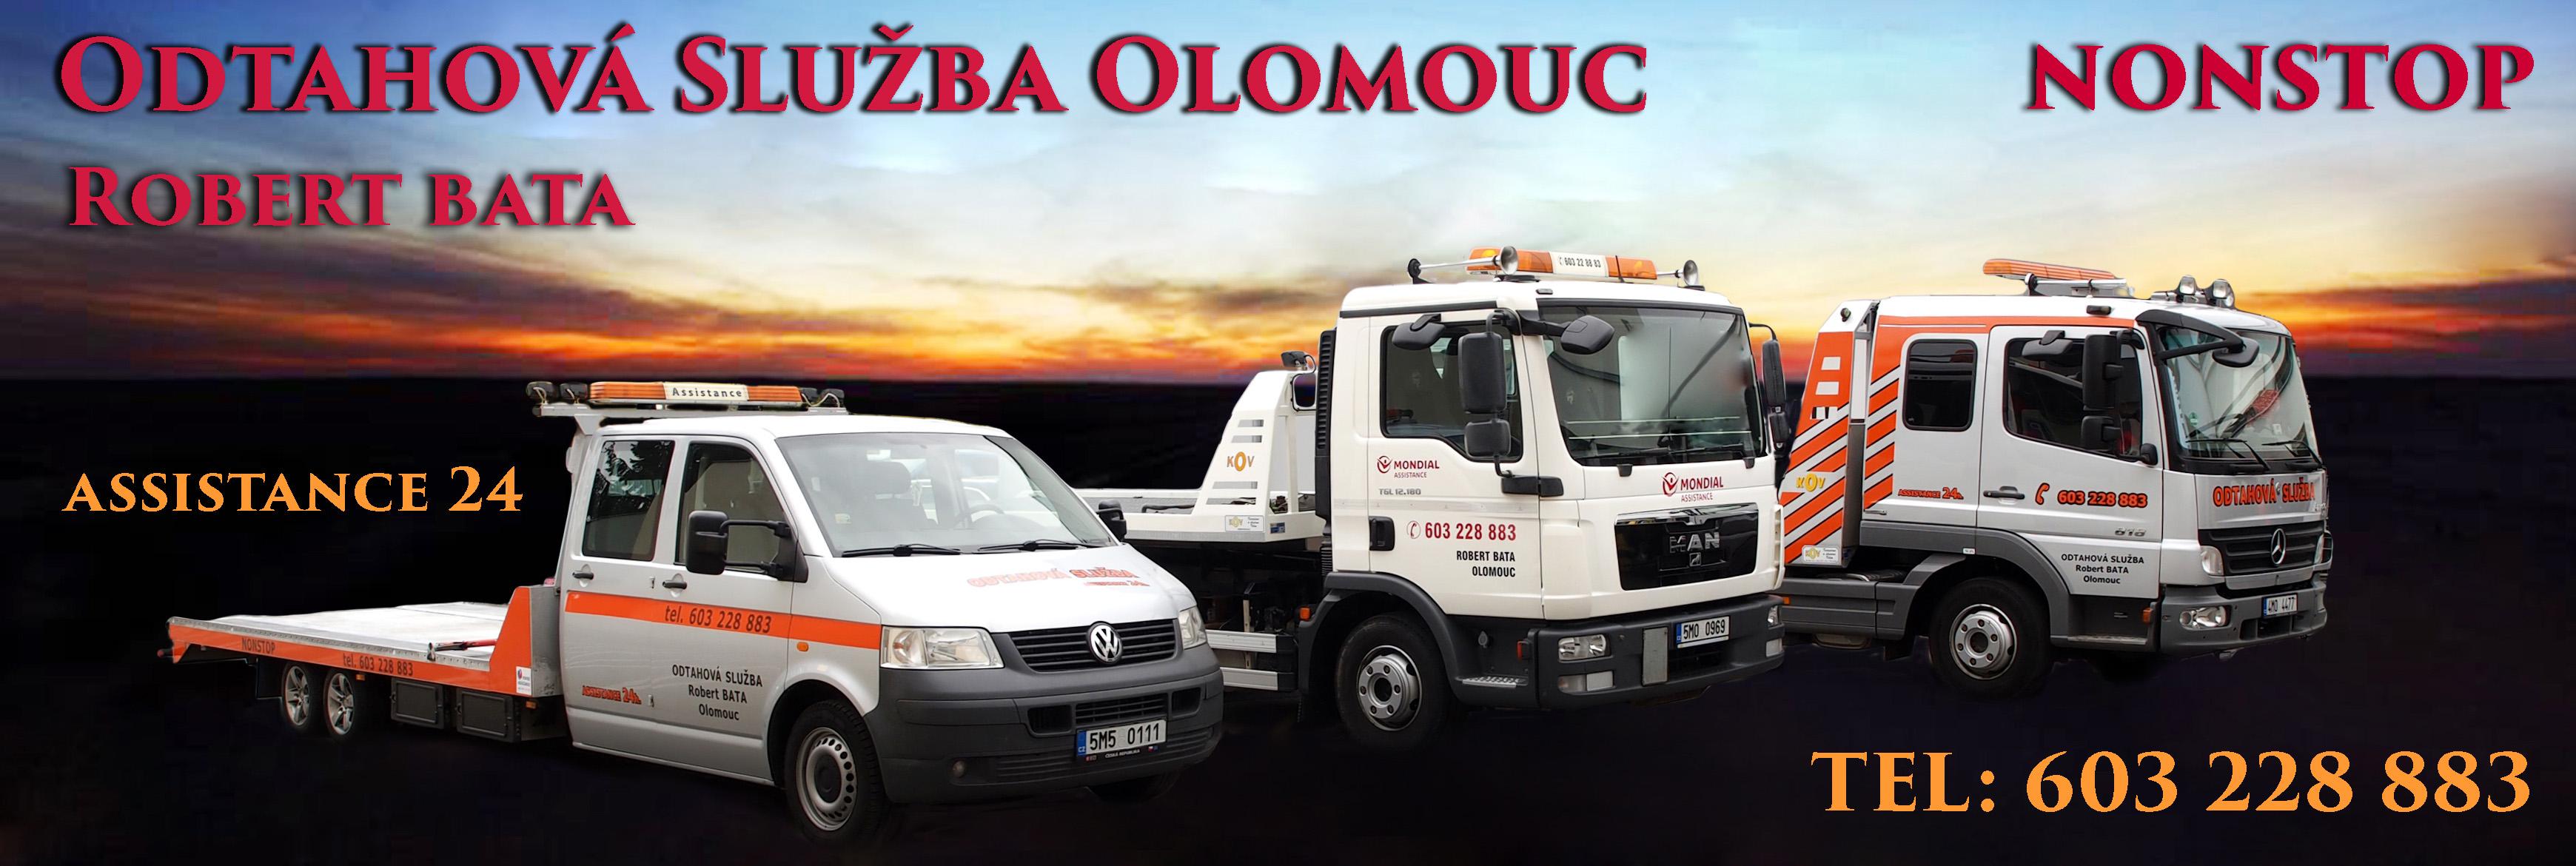 Odtahová služba Olomouc